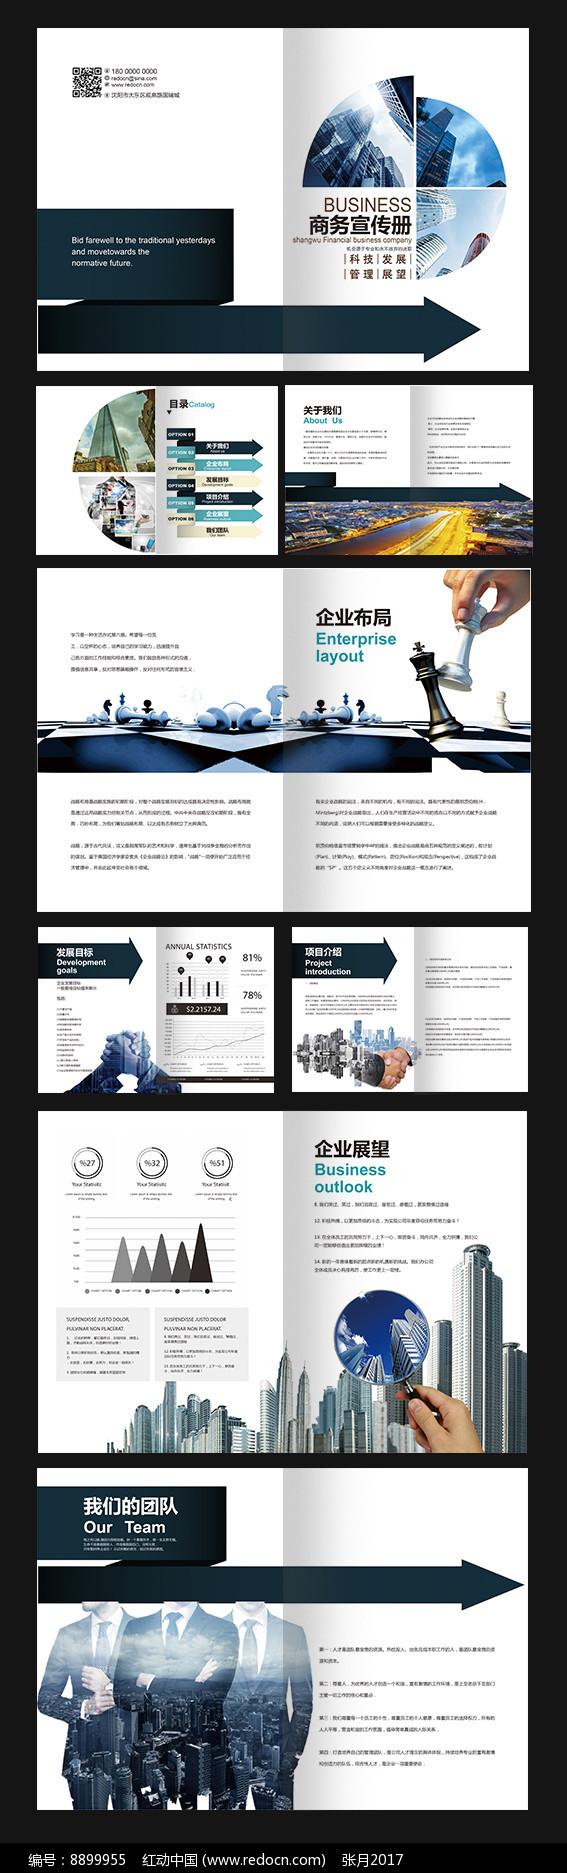 高端大气商务企业画册图片